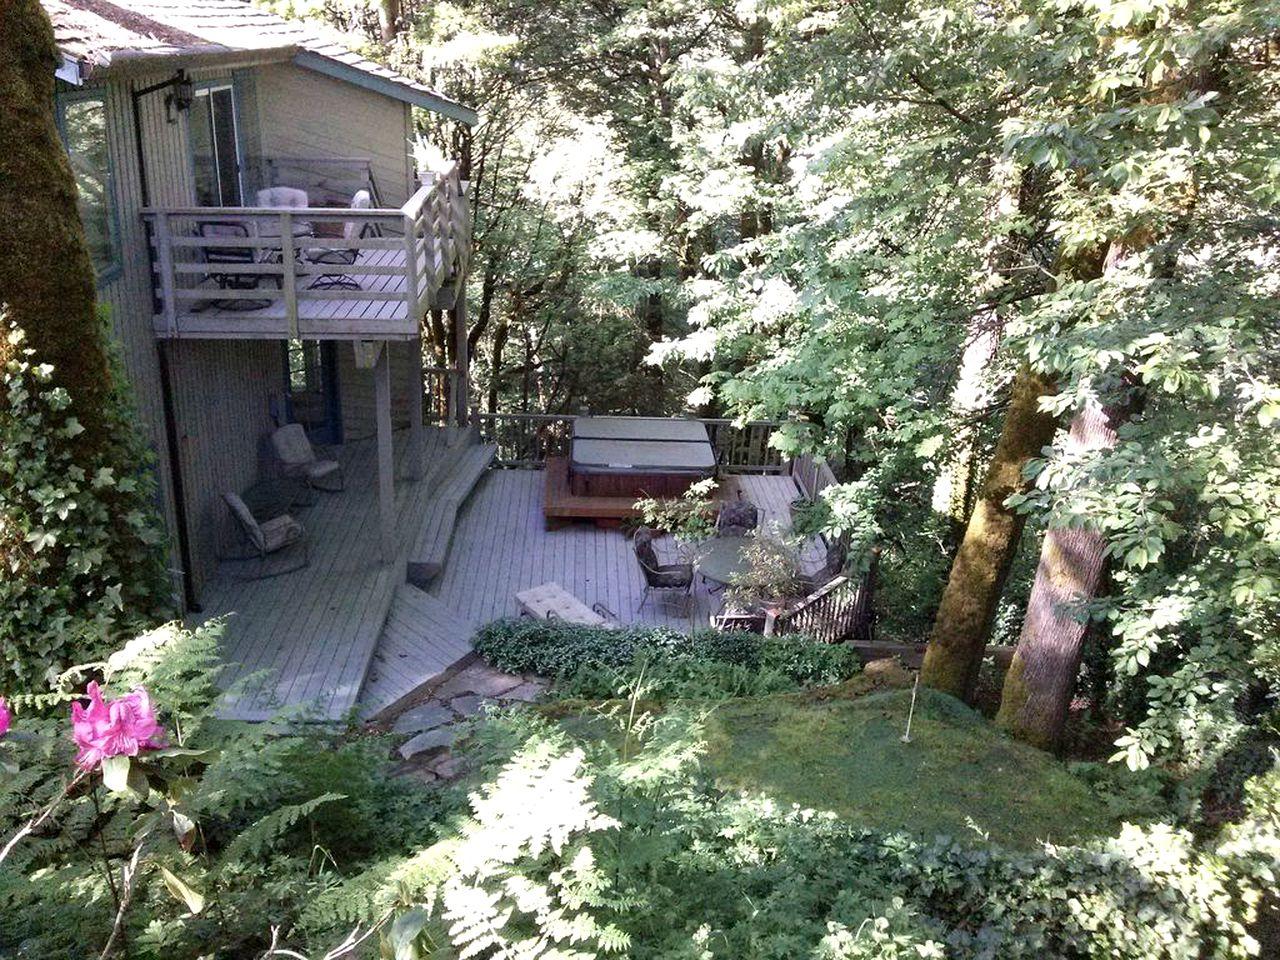 West Linn Treehouse